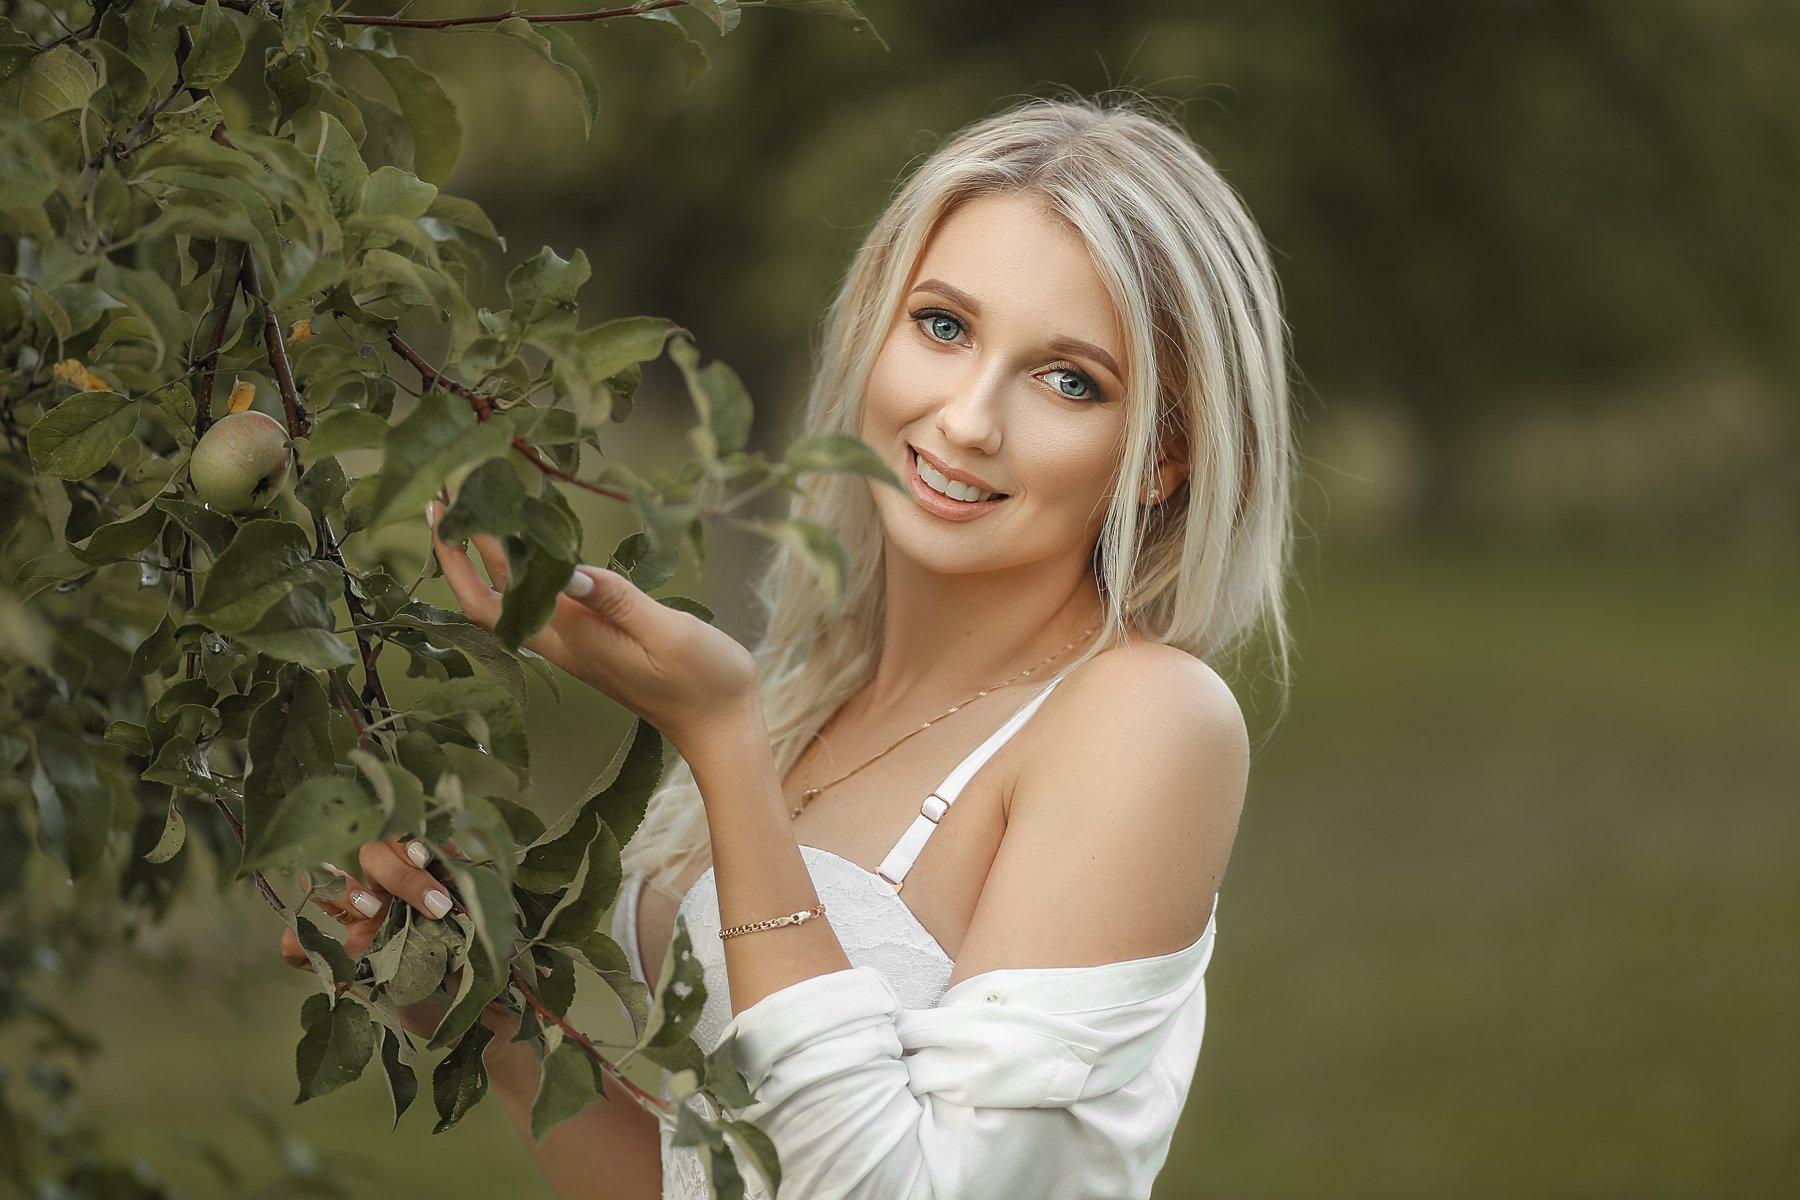 портрет арт art девушка красота модель природа сад лето, Баринова Аполлинария